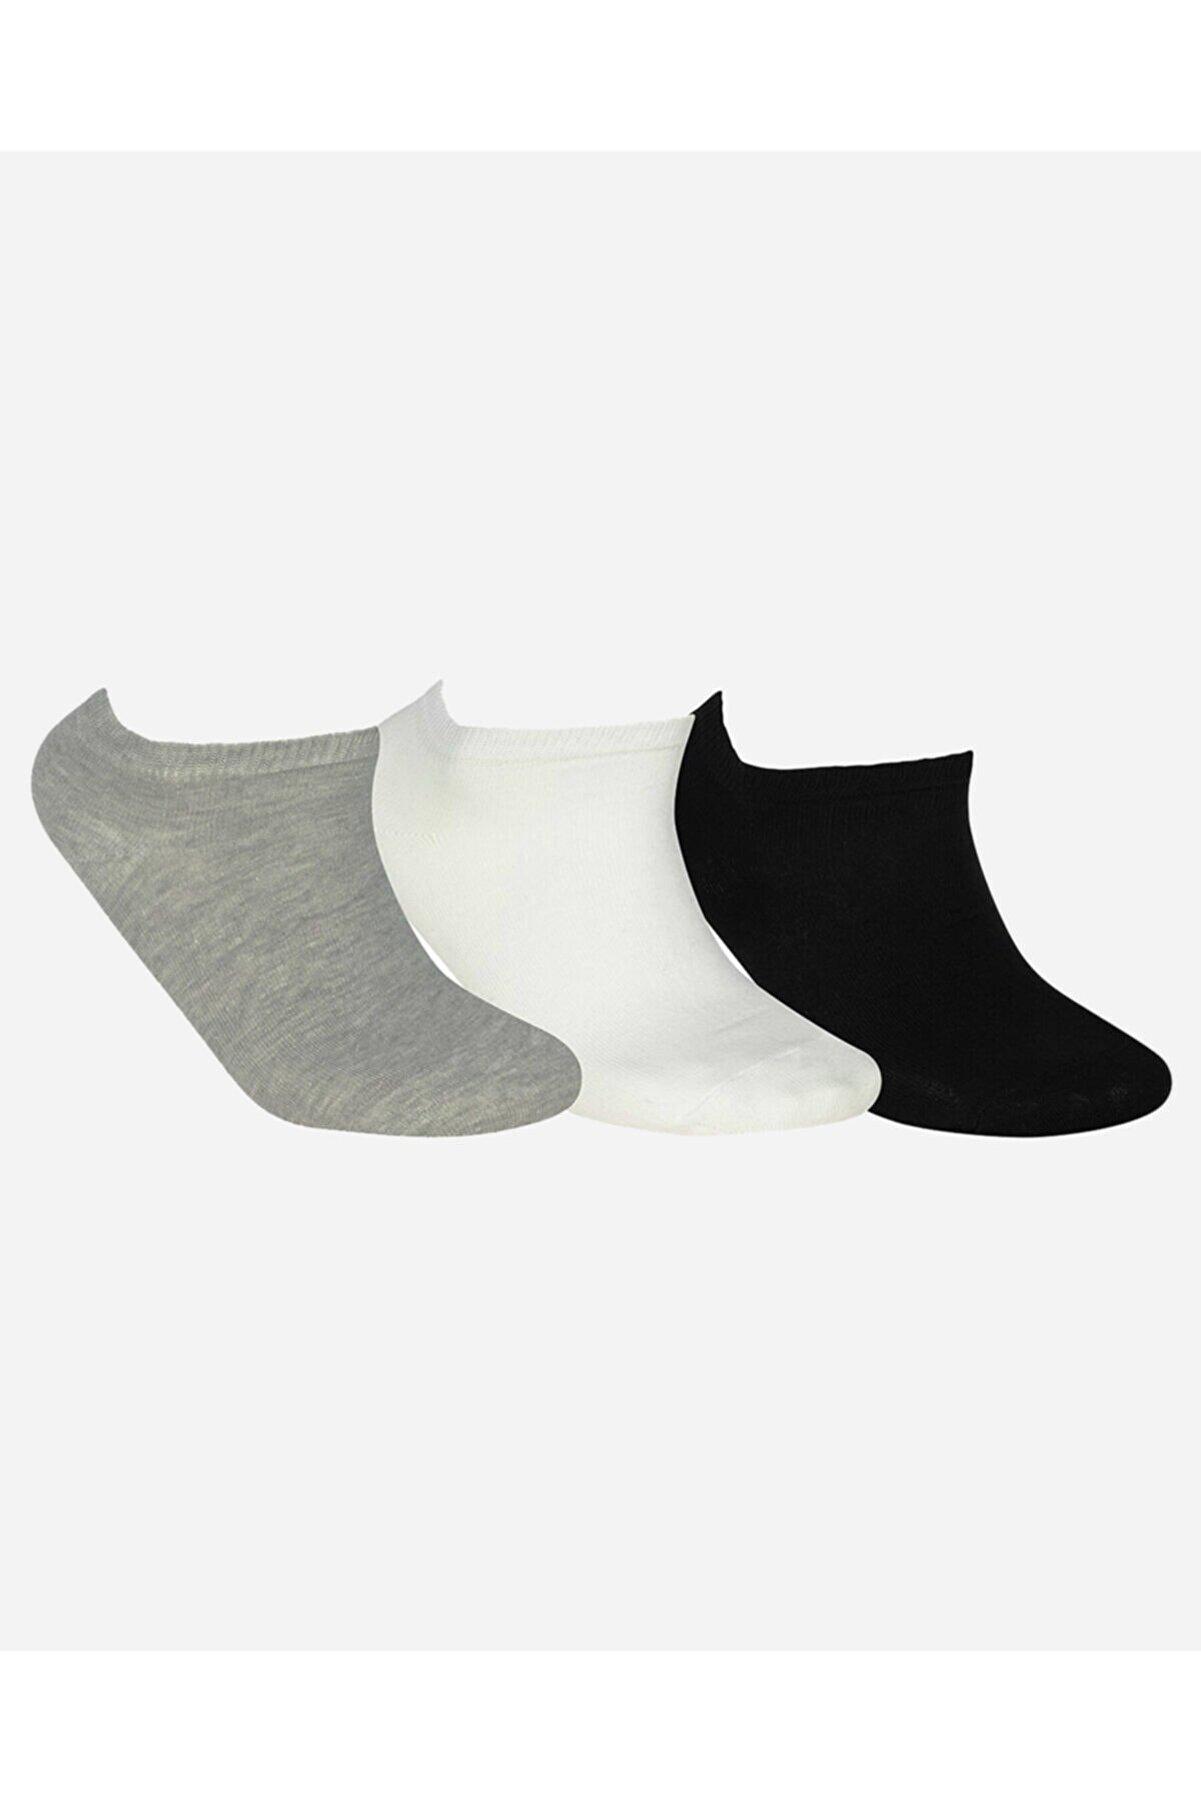 Skechers U SKX NoPad Low Cut Socks 3 Pack Unisex Çok Renkli Çorap